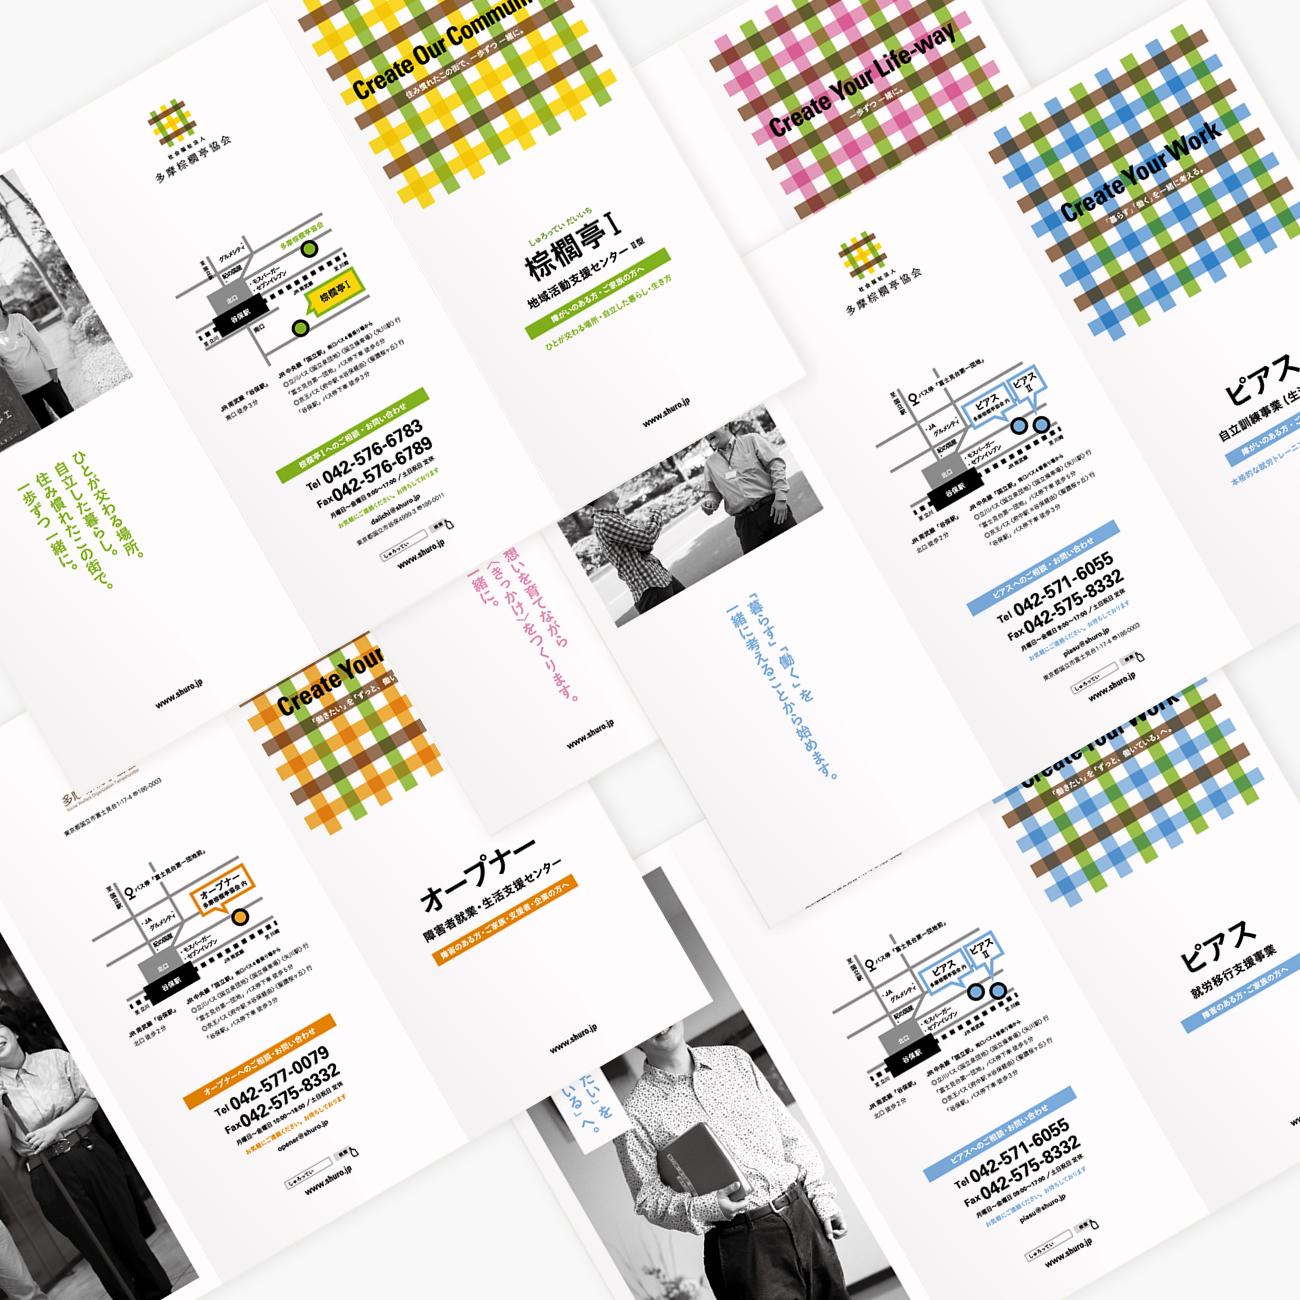 社会福祉法人 多摩棕櫚亭協会|精神障がい者支援 事業施設パンフレット|CI ロゴシンボル|パンフレット グラフィックデザイン|東京都国立市